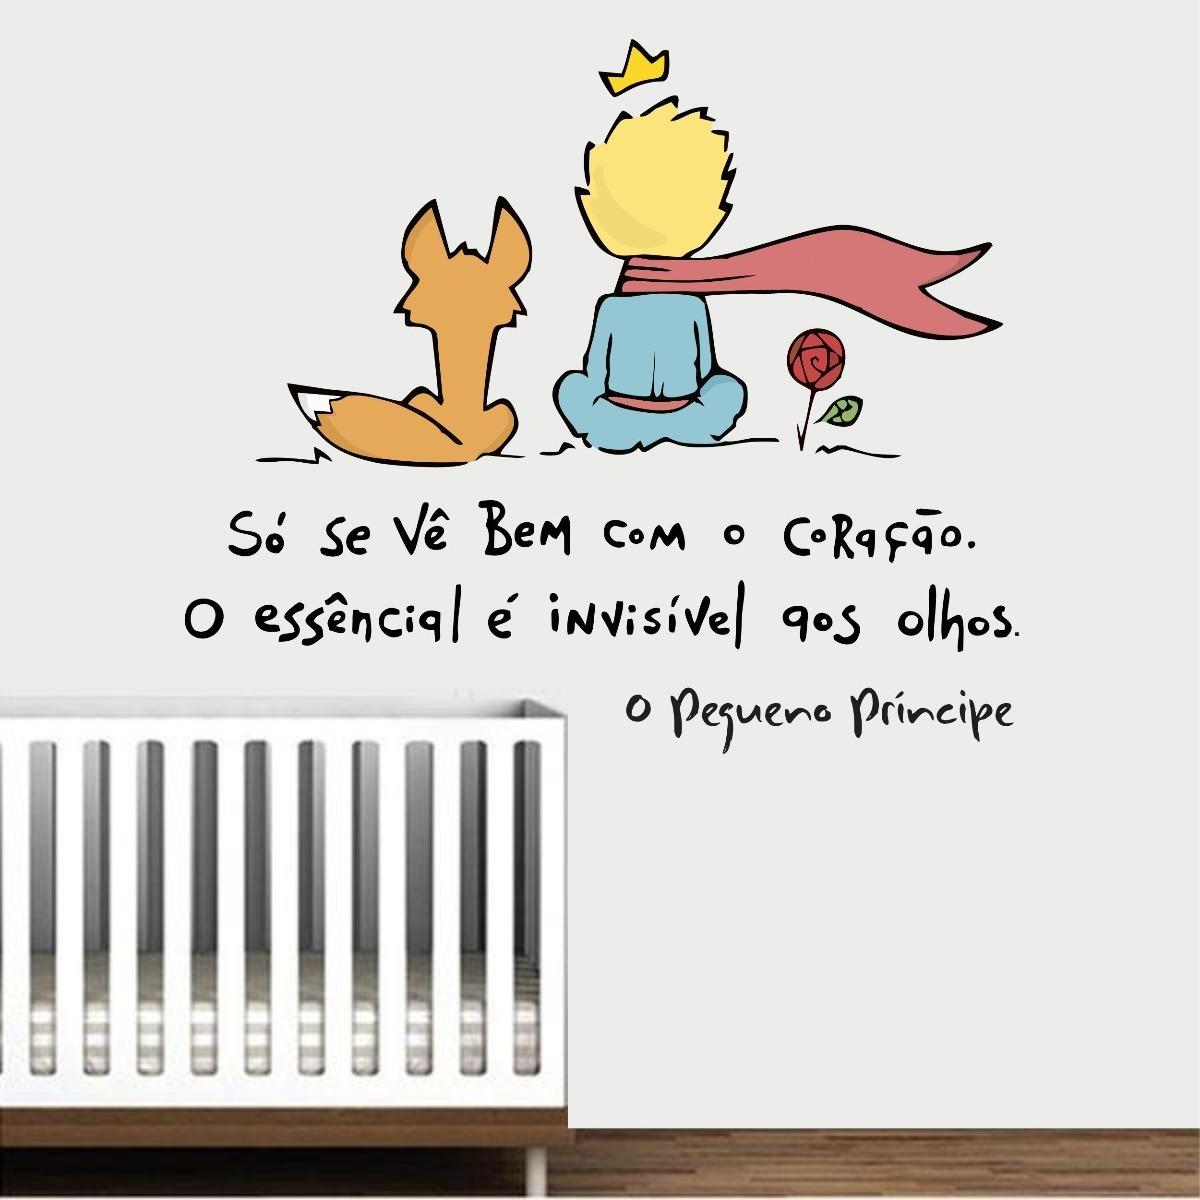 Adesivo Parede Quarto Infantil Pequeno Príncipe Frase Livro R 54